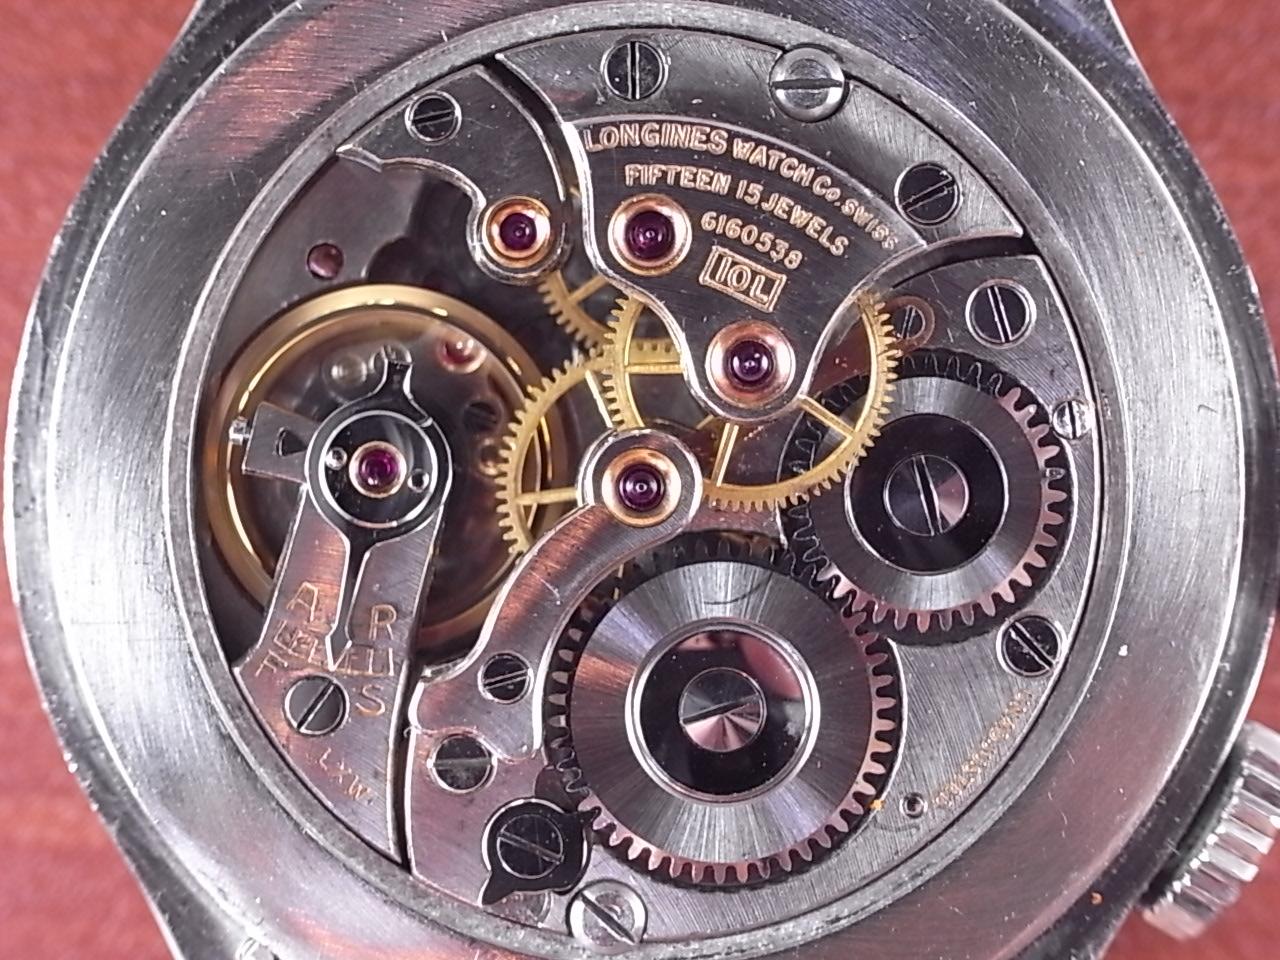 ロンジン リンドバーグ アワーアングルウォッチ レバー式 1940年代の写真5枚目